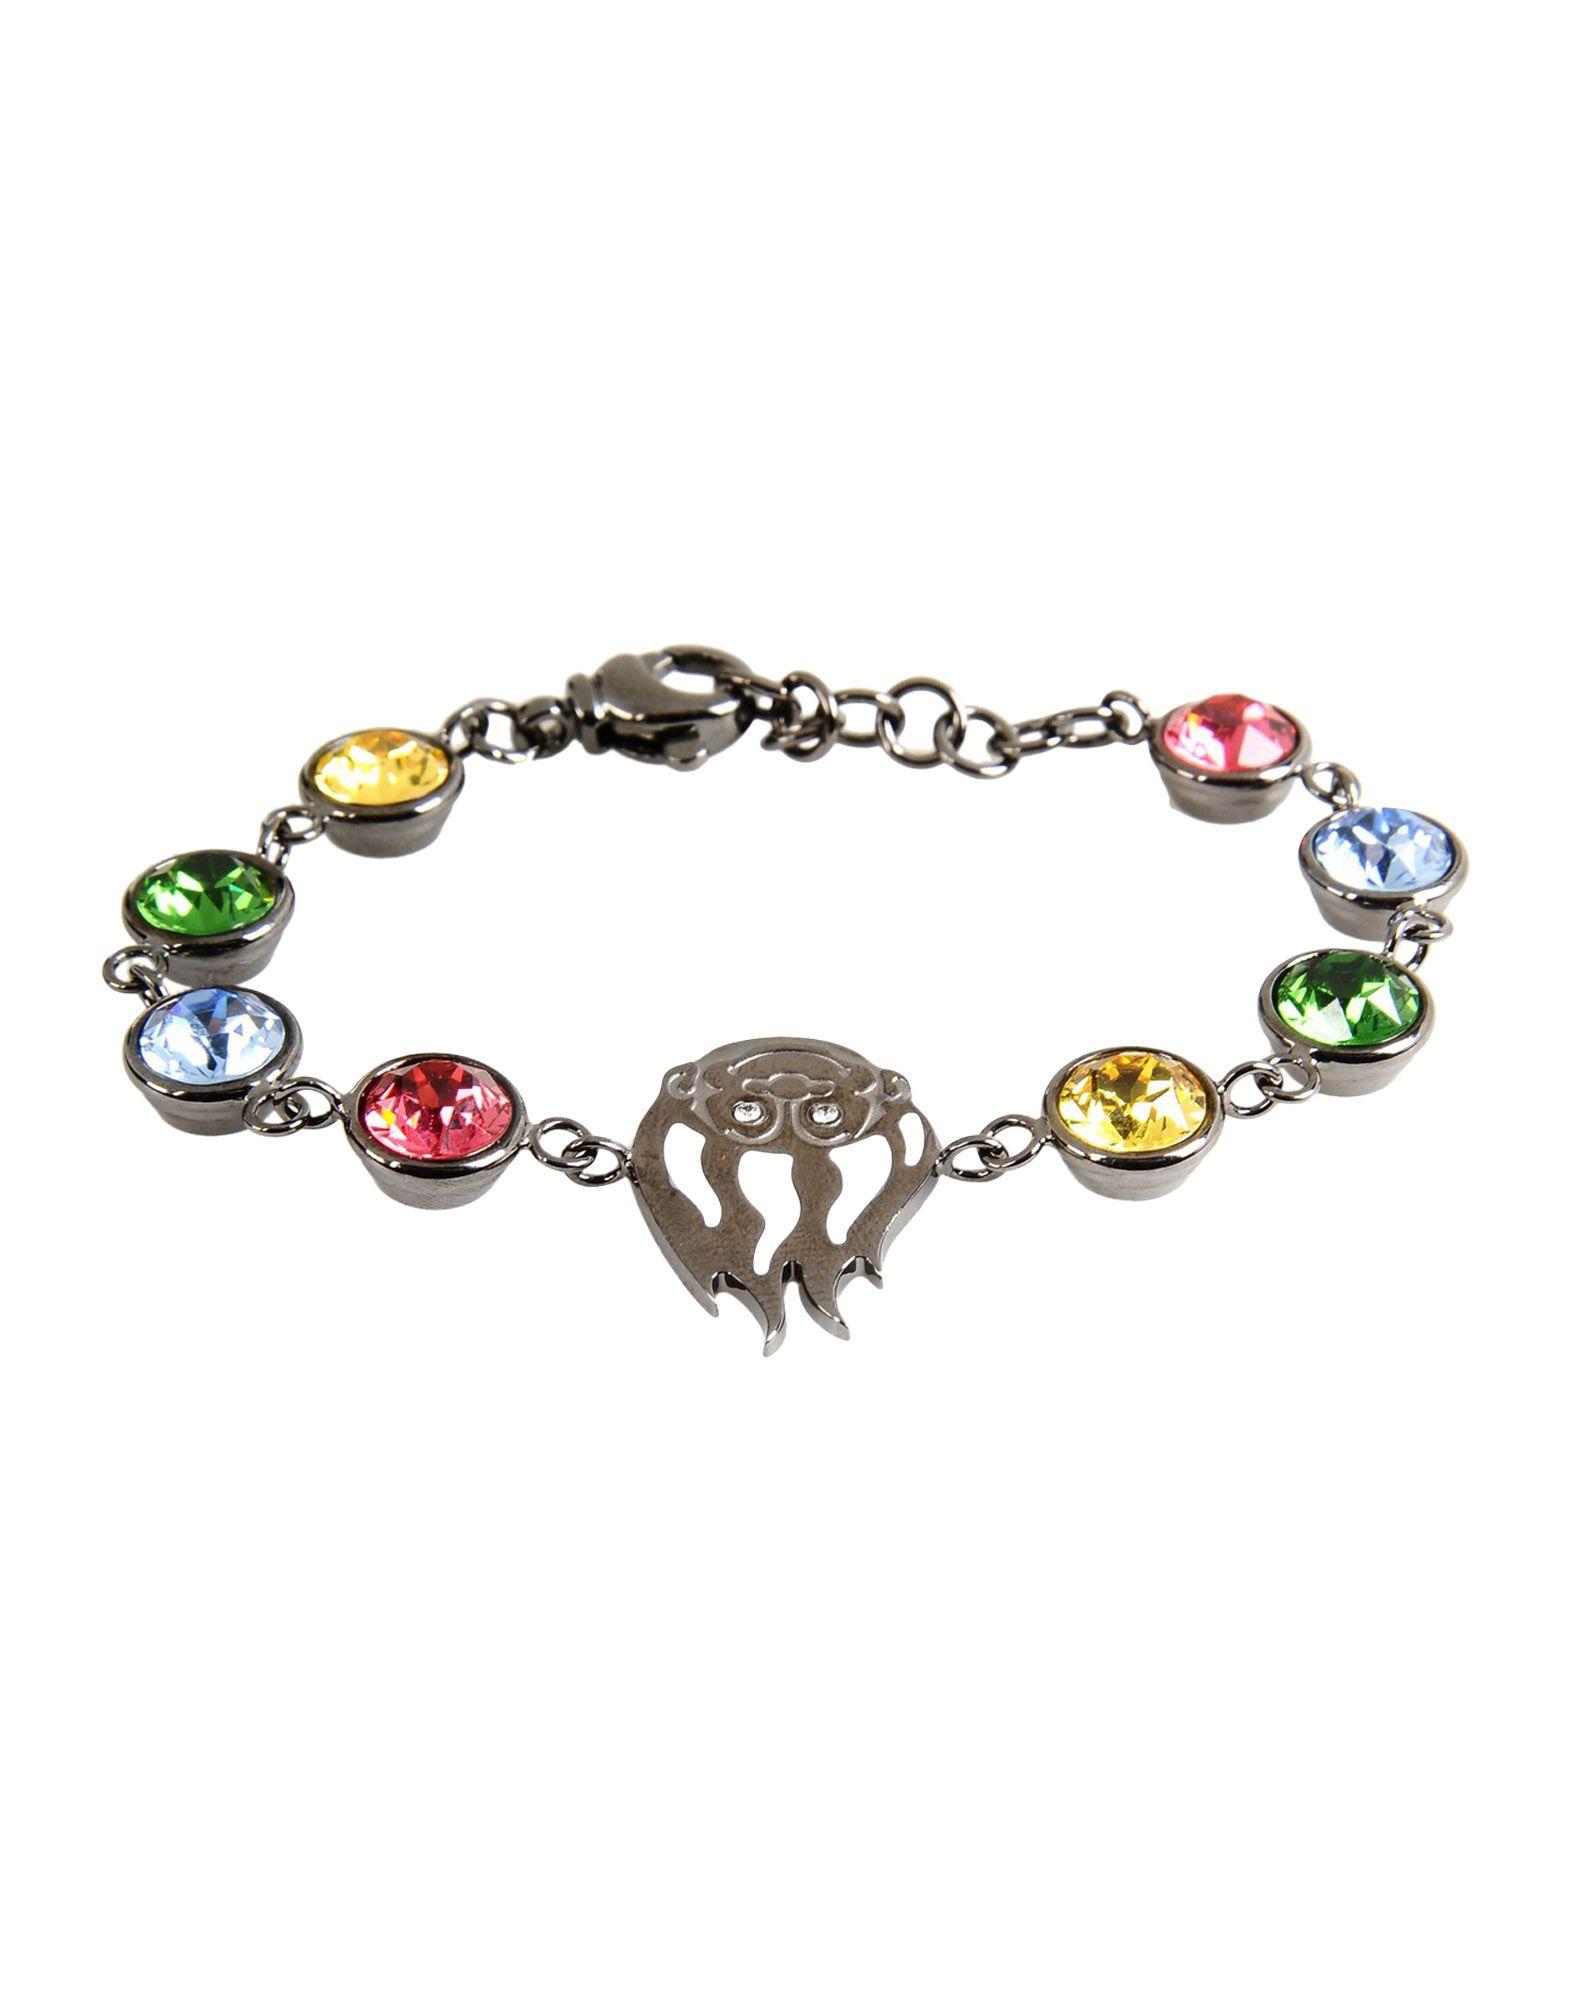 JIWINAIA Bracelets in Green